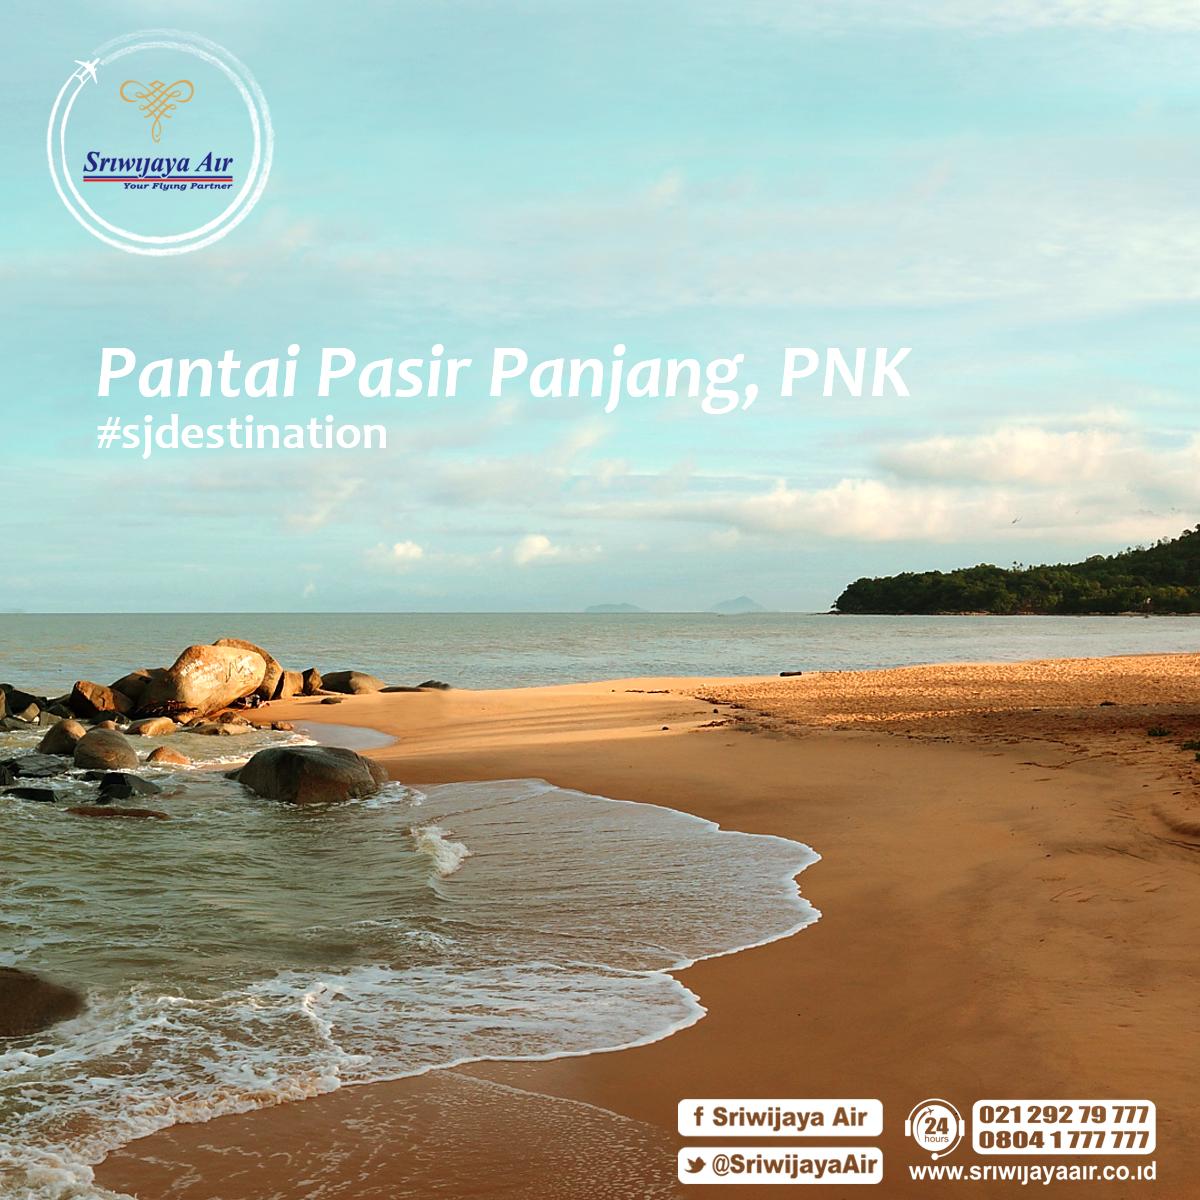 Foto Pantai Pasir Panjang Lokasi Singkawang Kalimantan Barat Cara Untuk Sampai Di Lokasi Letak Pantai Ini Cukup S Pantai Berpasir Pantai Penerbangan